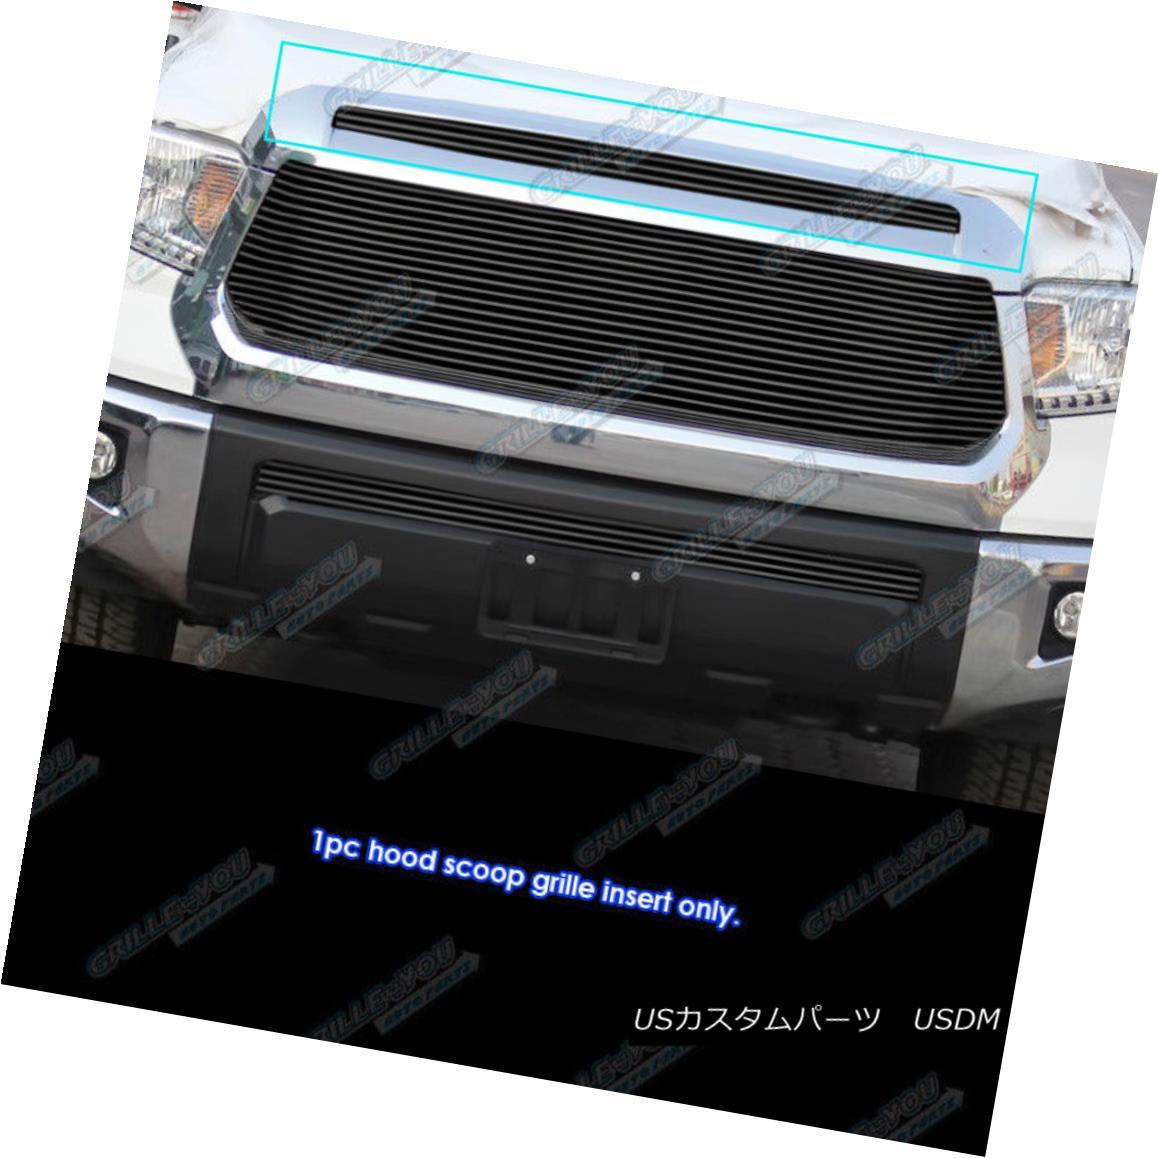 グリル Fits 2014-2018 Toyota Tundra Hood Scoop Black Billet Grille Insert フィット2014-2018トヨタトンドラフードスクープブラックビレットグリルインサート